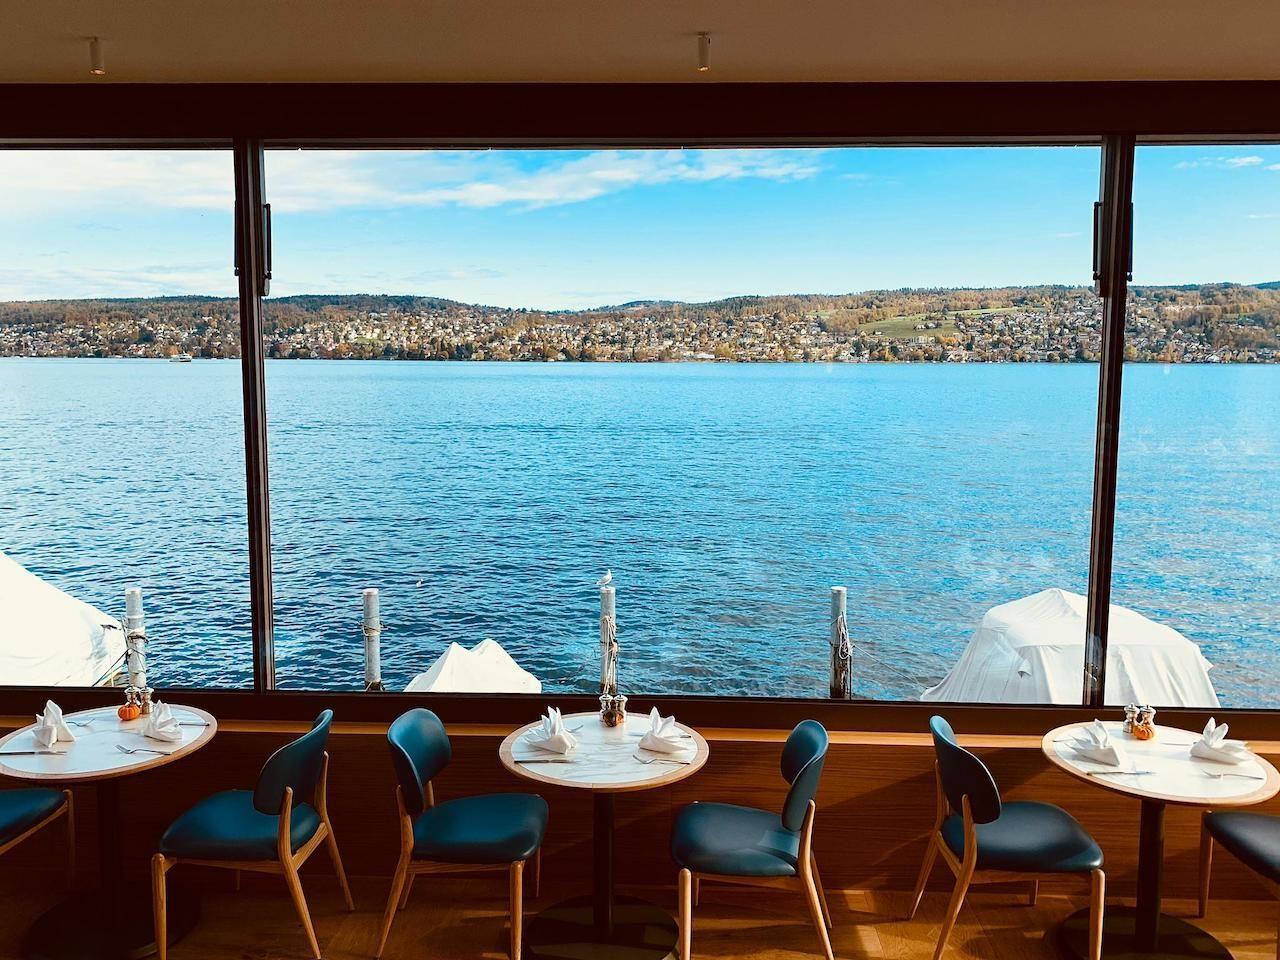 Hotel Alex Lake Zurich in Zurich Switzerland has some of the best views, Switzerland views